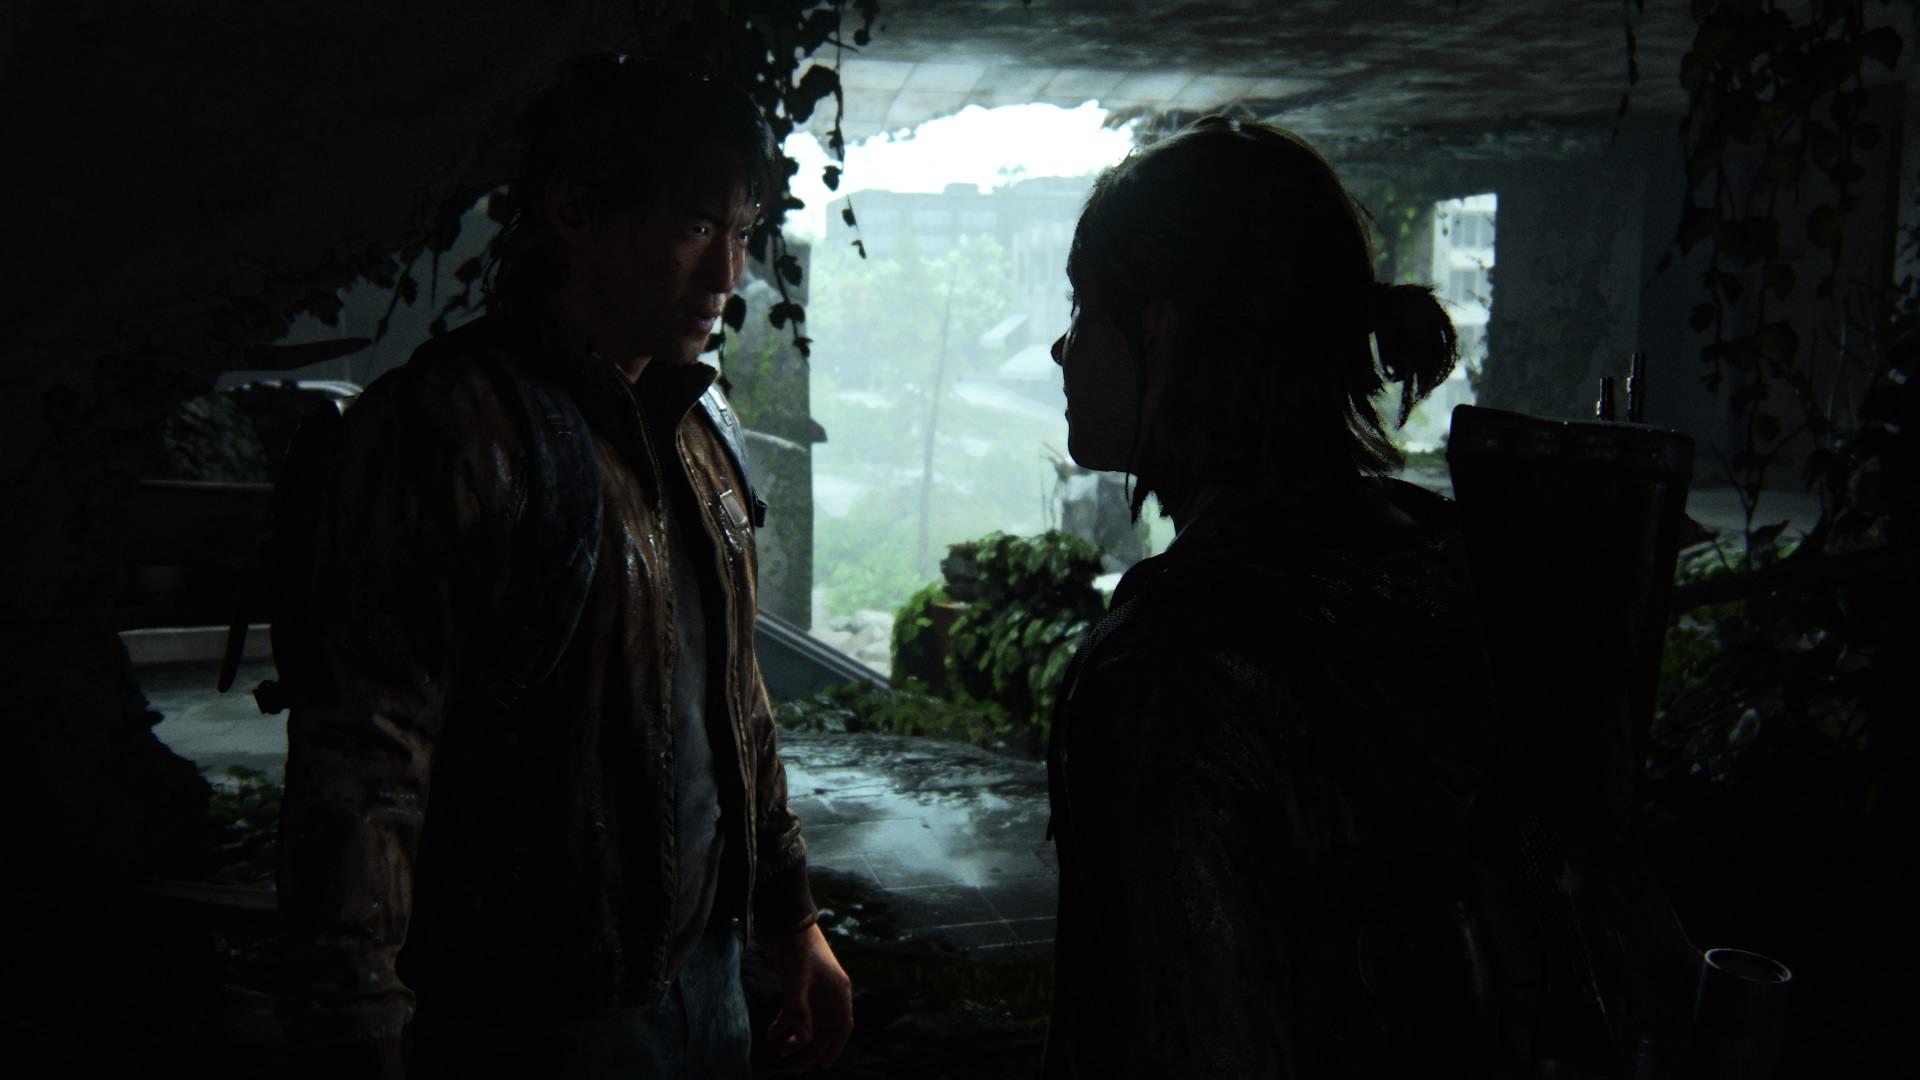 Deshalb Verstreiten Sich Bald Ellie Und Jesse über Die Alternativen Routen Und Das Missionsziel.